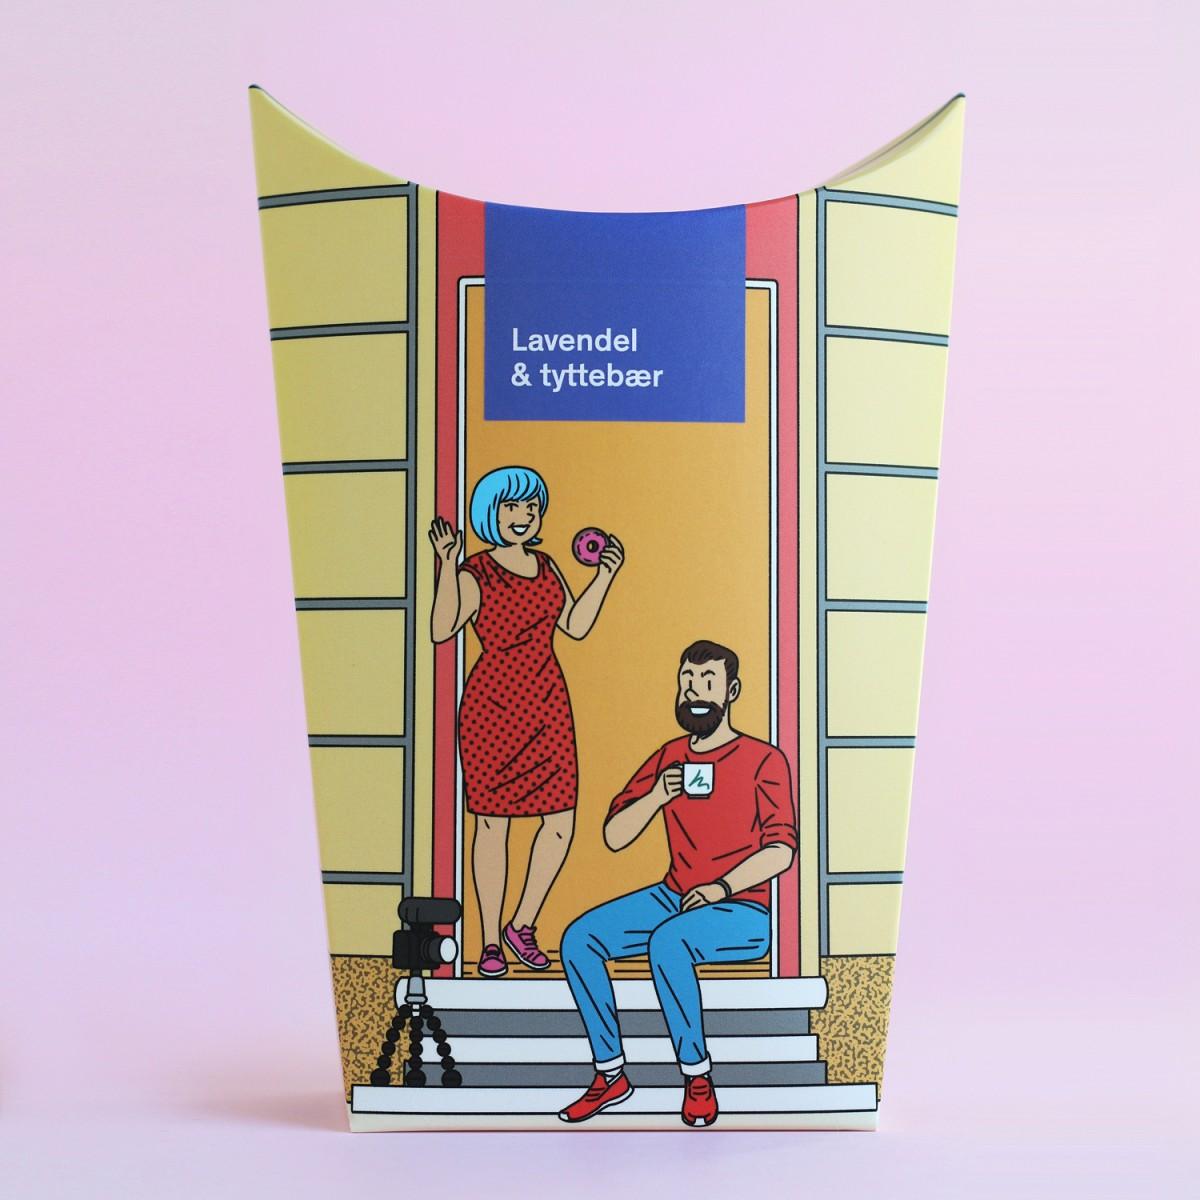 挪威roastery专业咖啡高端包装设计,包装袋设计